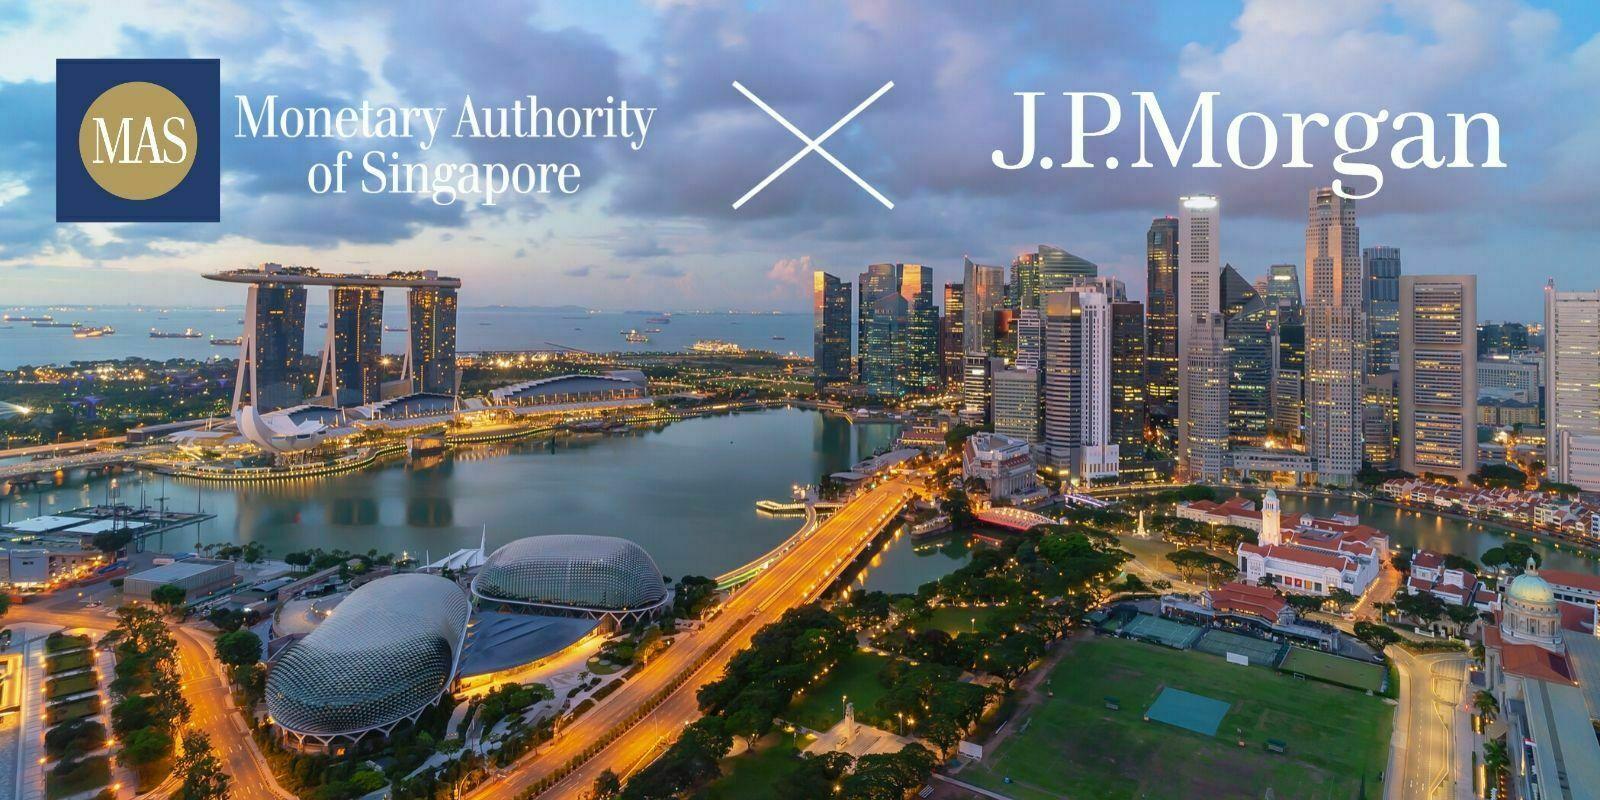 La banque centrale de Singapour et J.P. Morgan collaborent pour un réseau de paiements transfrontaliers basé sur la blockchain